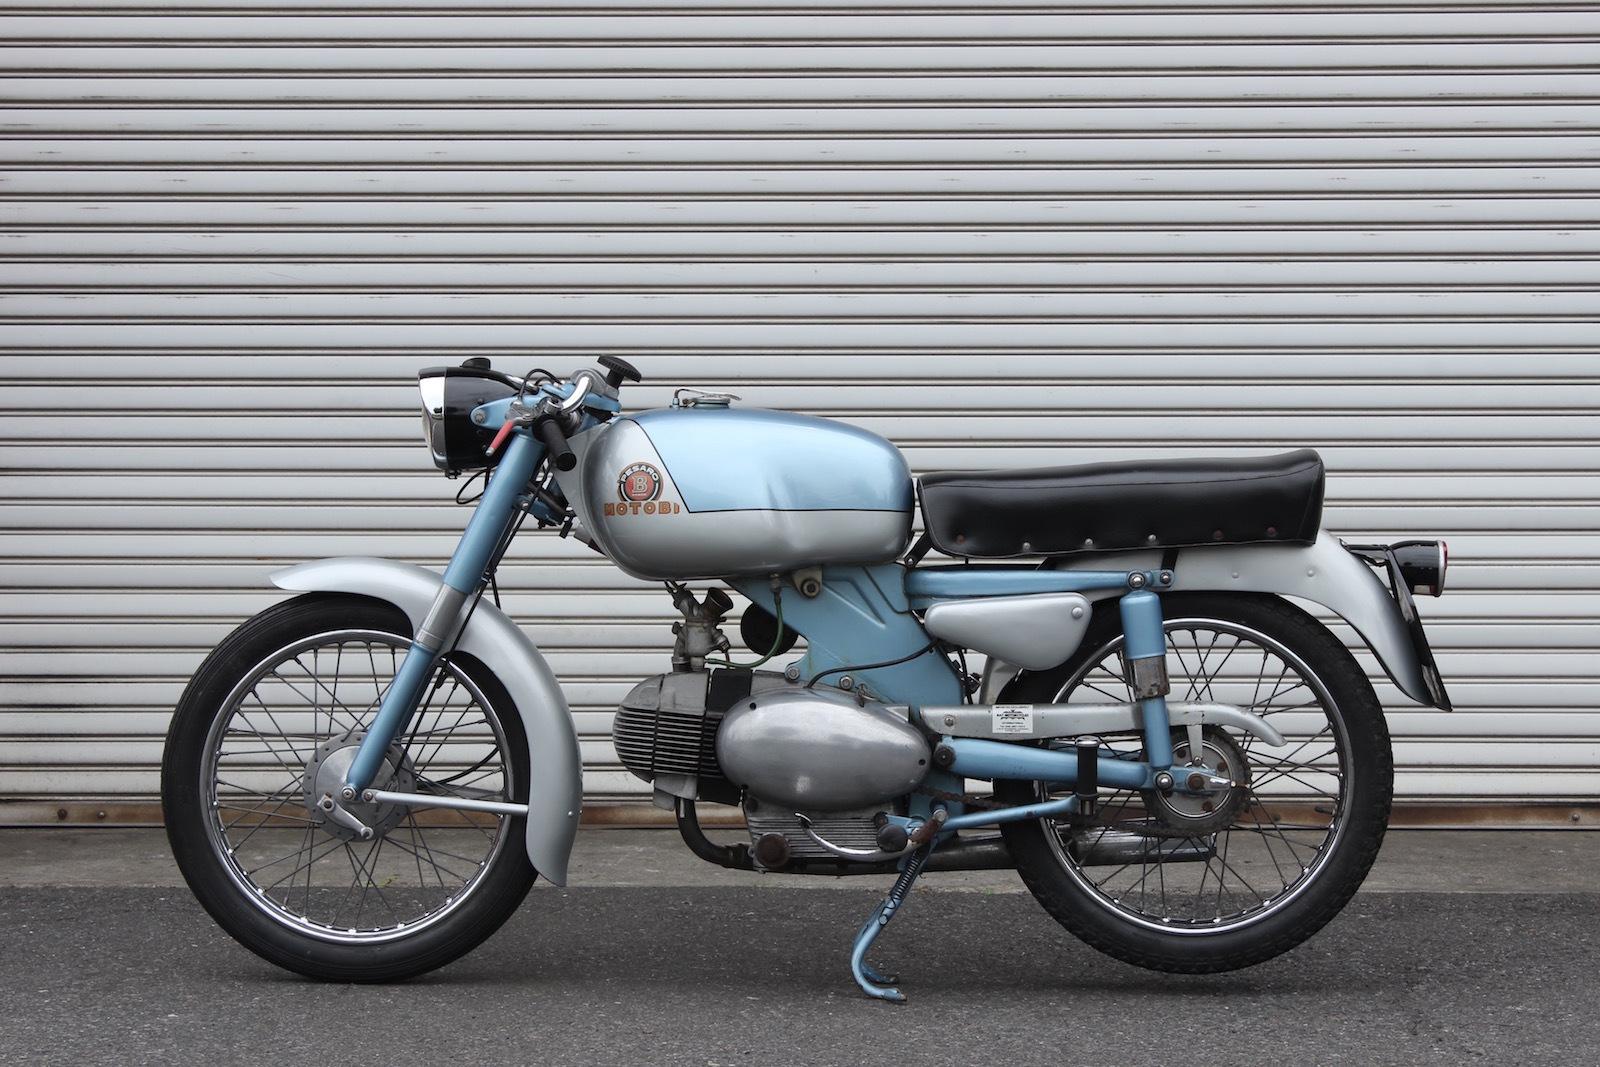 Motobi 125 Imperiale custom入庫。_a0208987_13185795.jpg